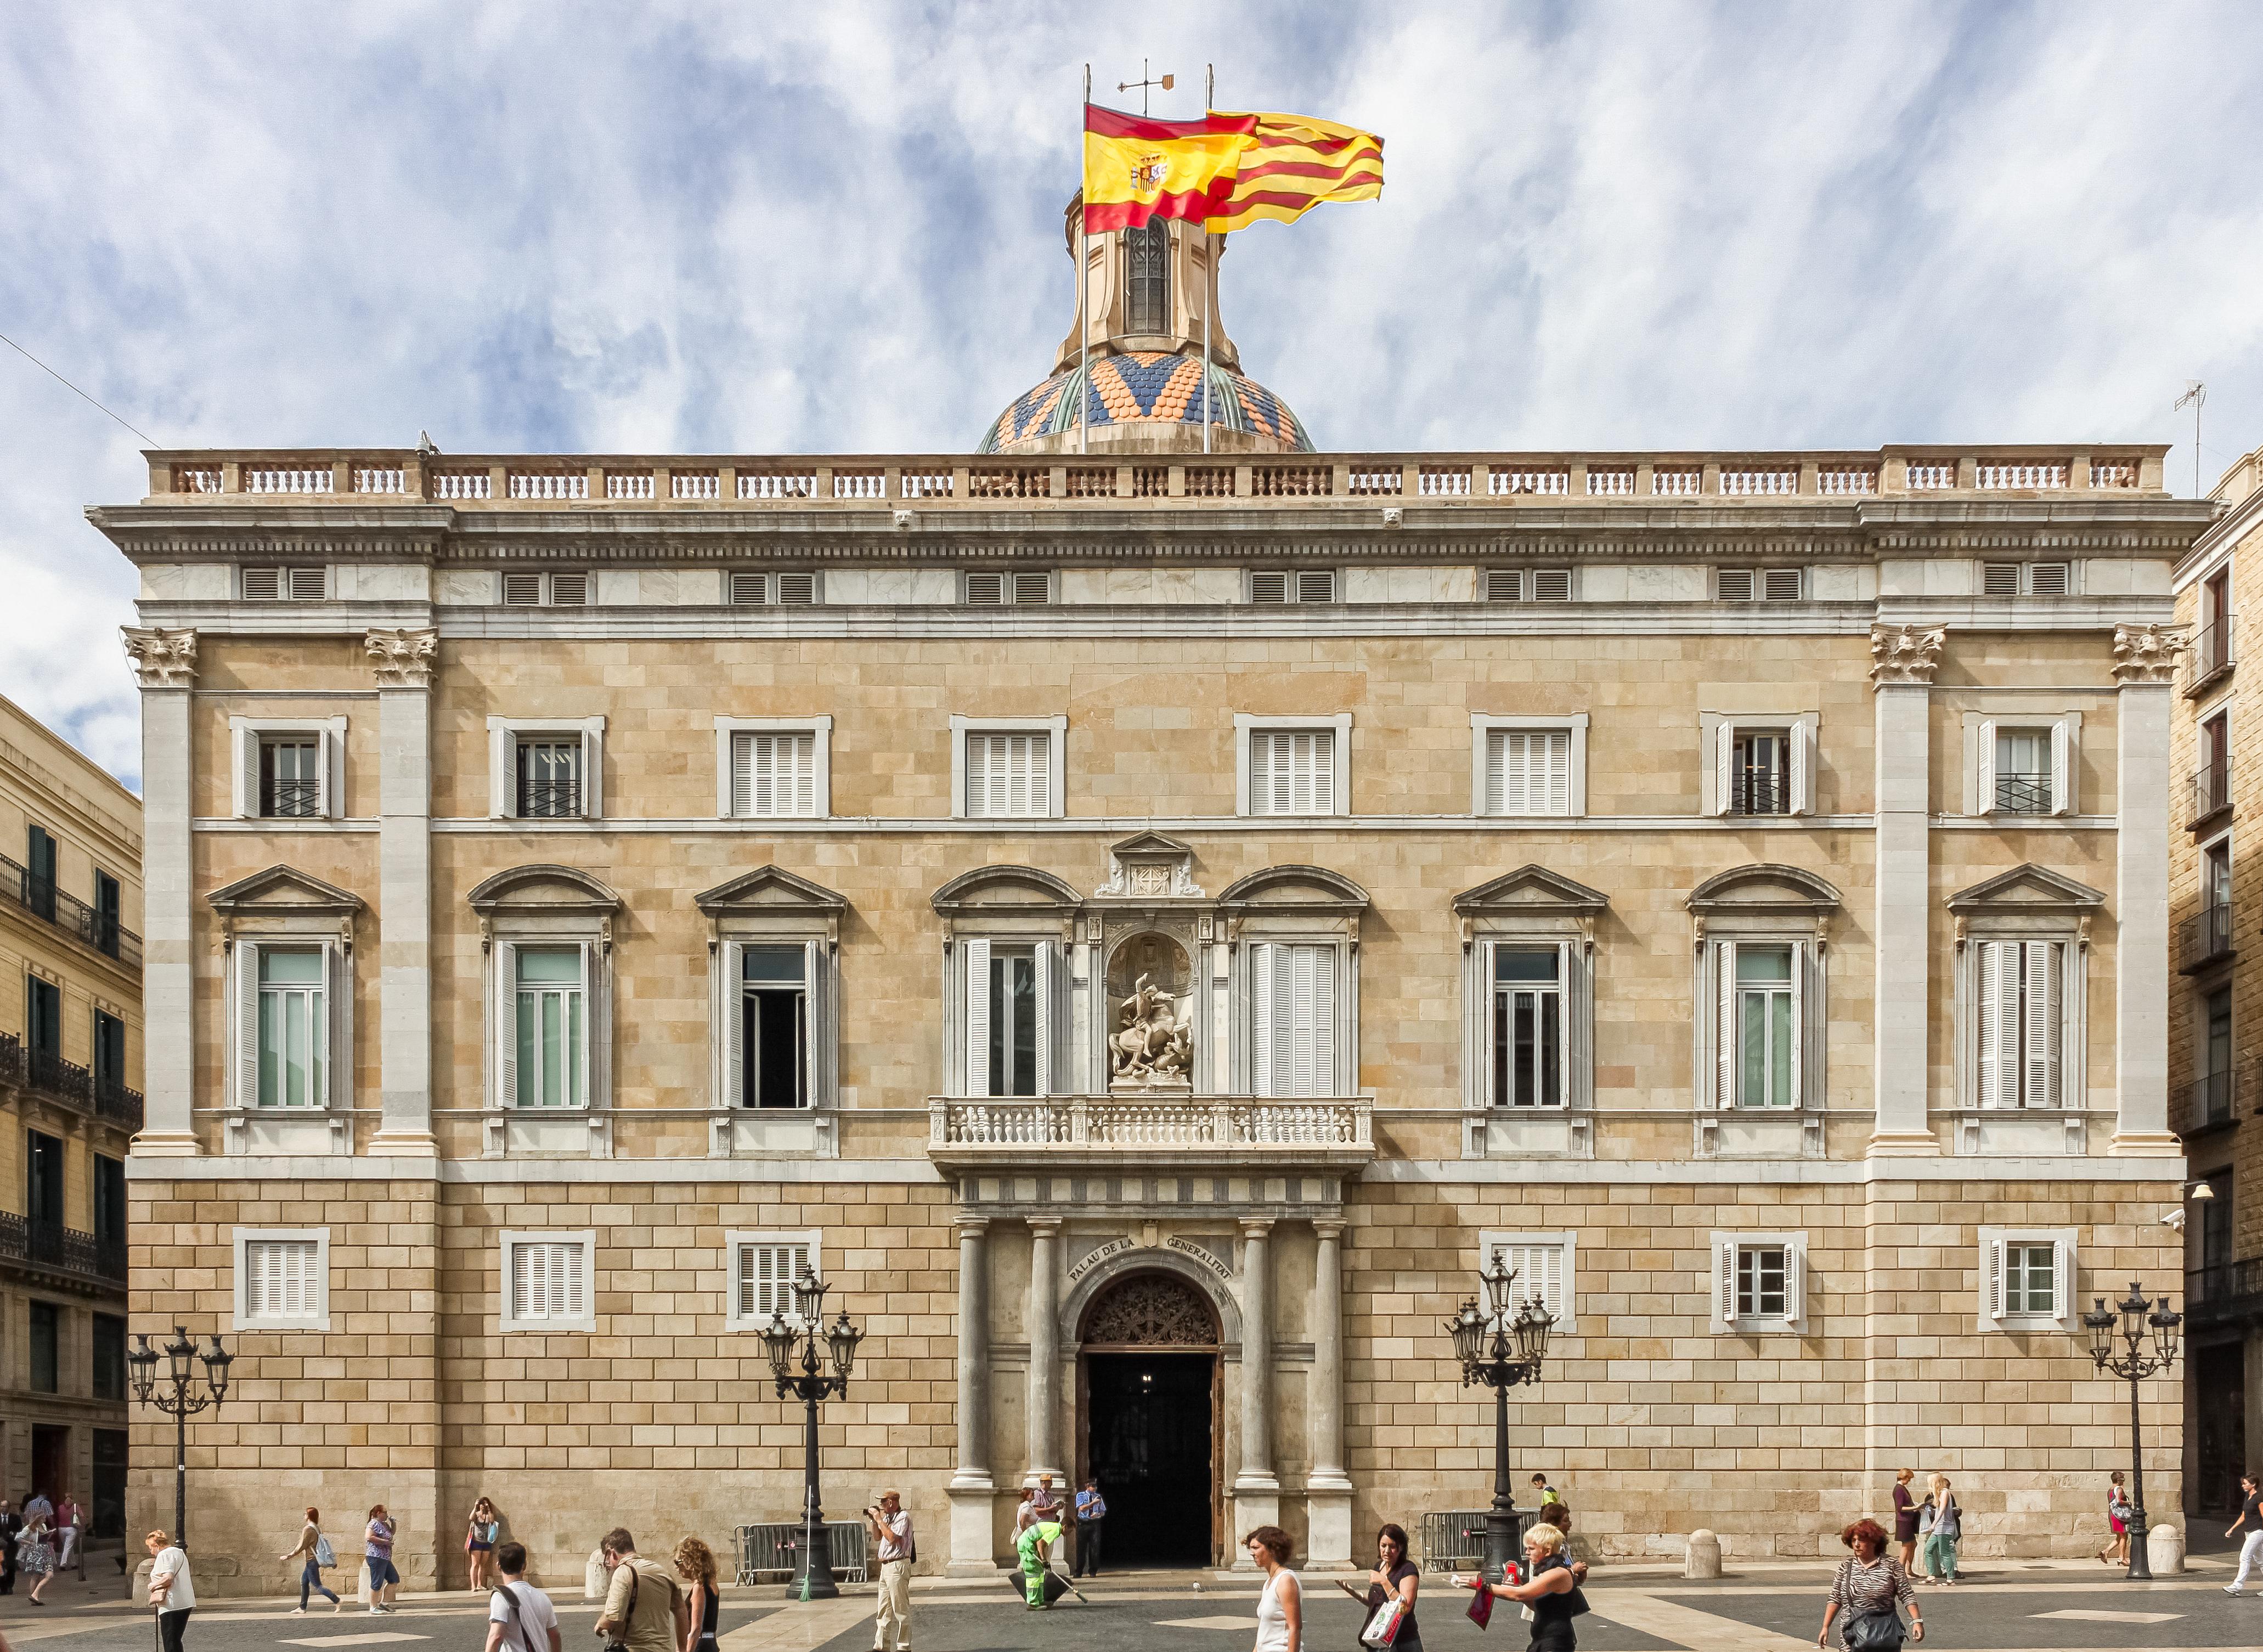 generalitat de cataluna com: